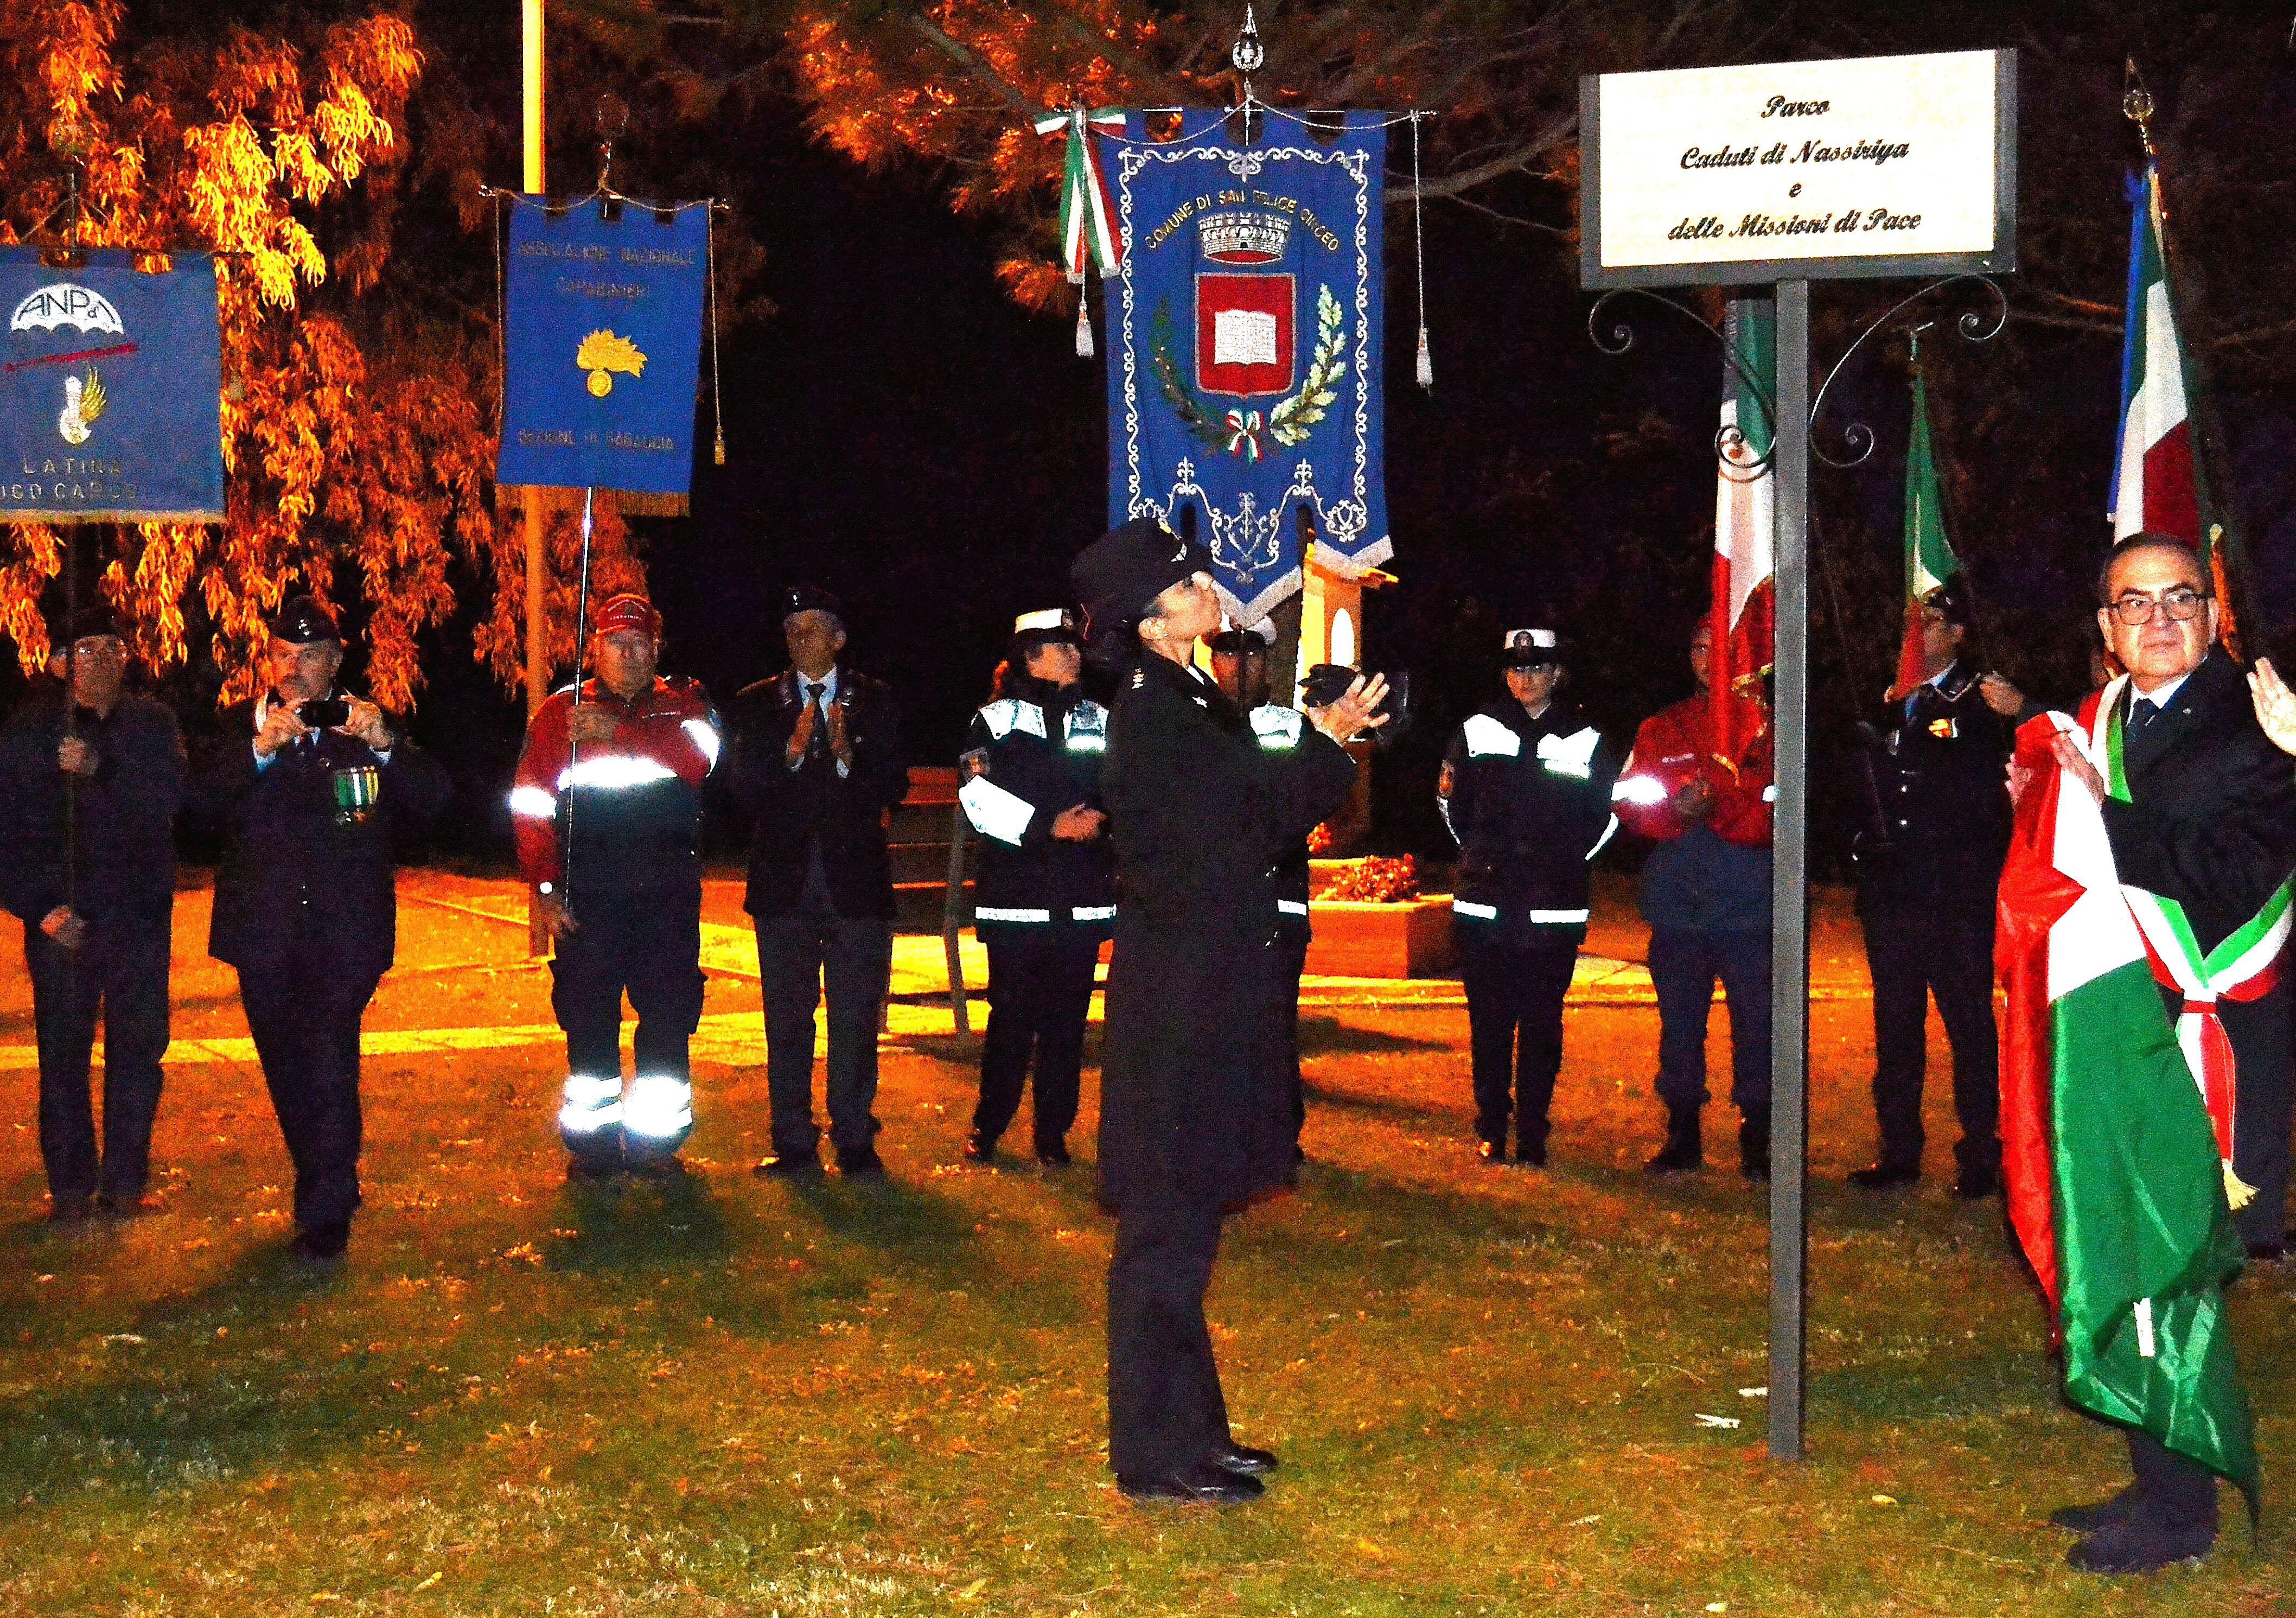 San Felice Circeo, intitolazione del nuovo parco di Montenero ai Caduti di Nassiriya e delle Missioni di pace